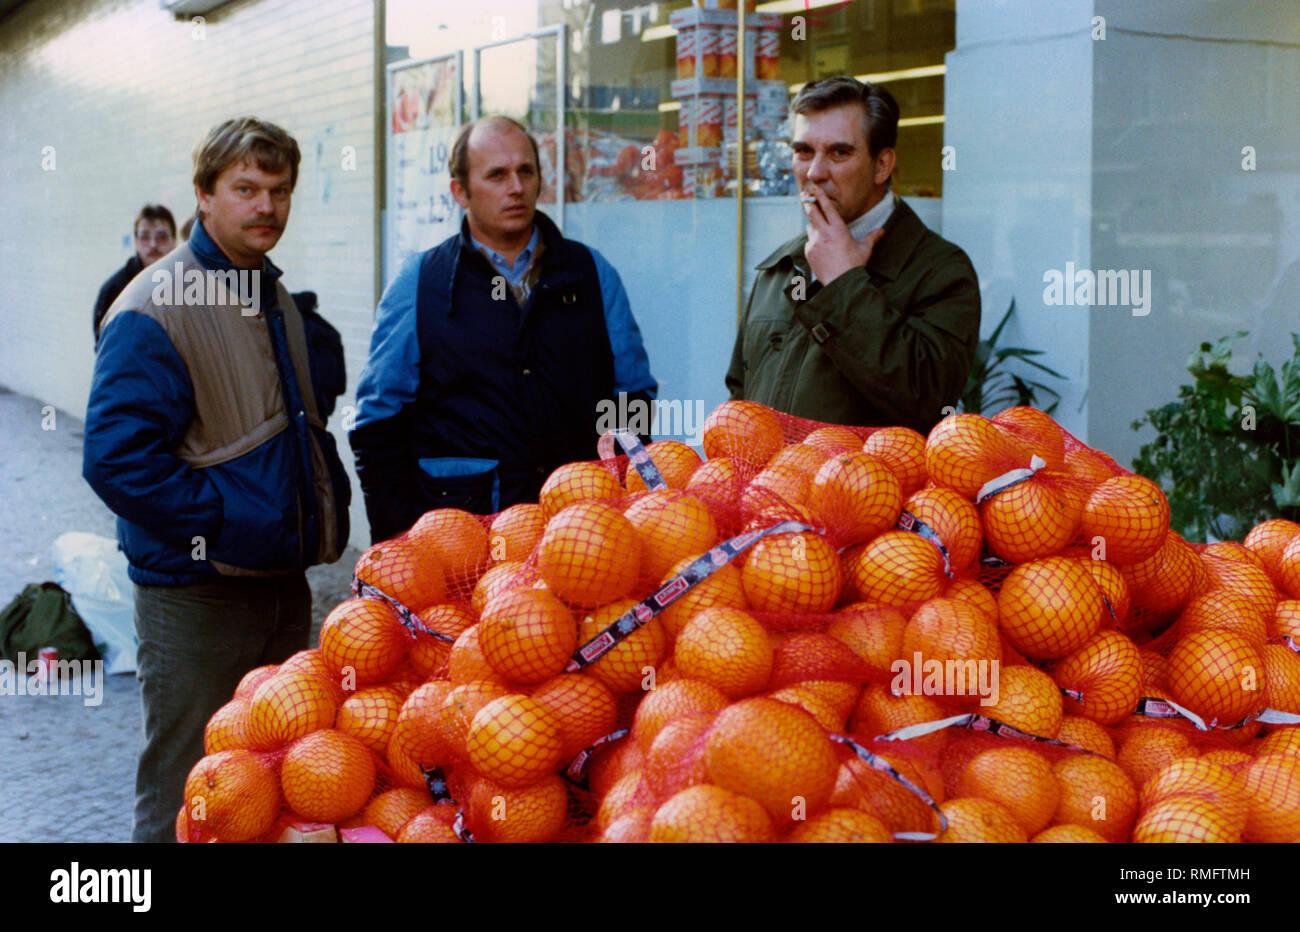 Dopo la caduta del muro di Berlino, molti berlinesi est visitare la parte ovest della città, qui ad una frutta stand di un supermercato con arance. Immagini Stock